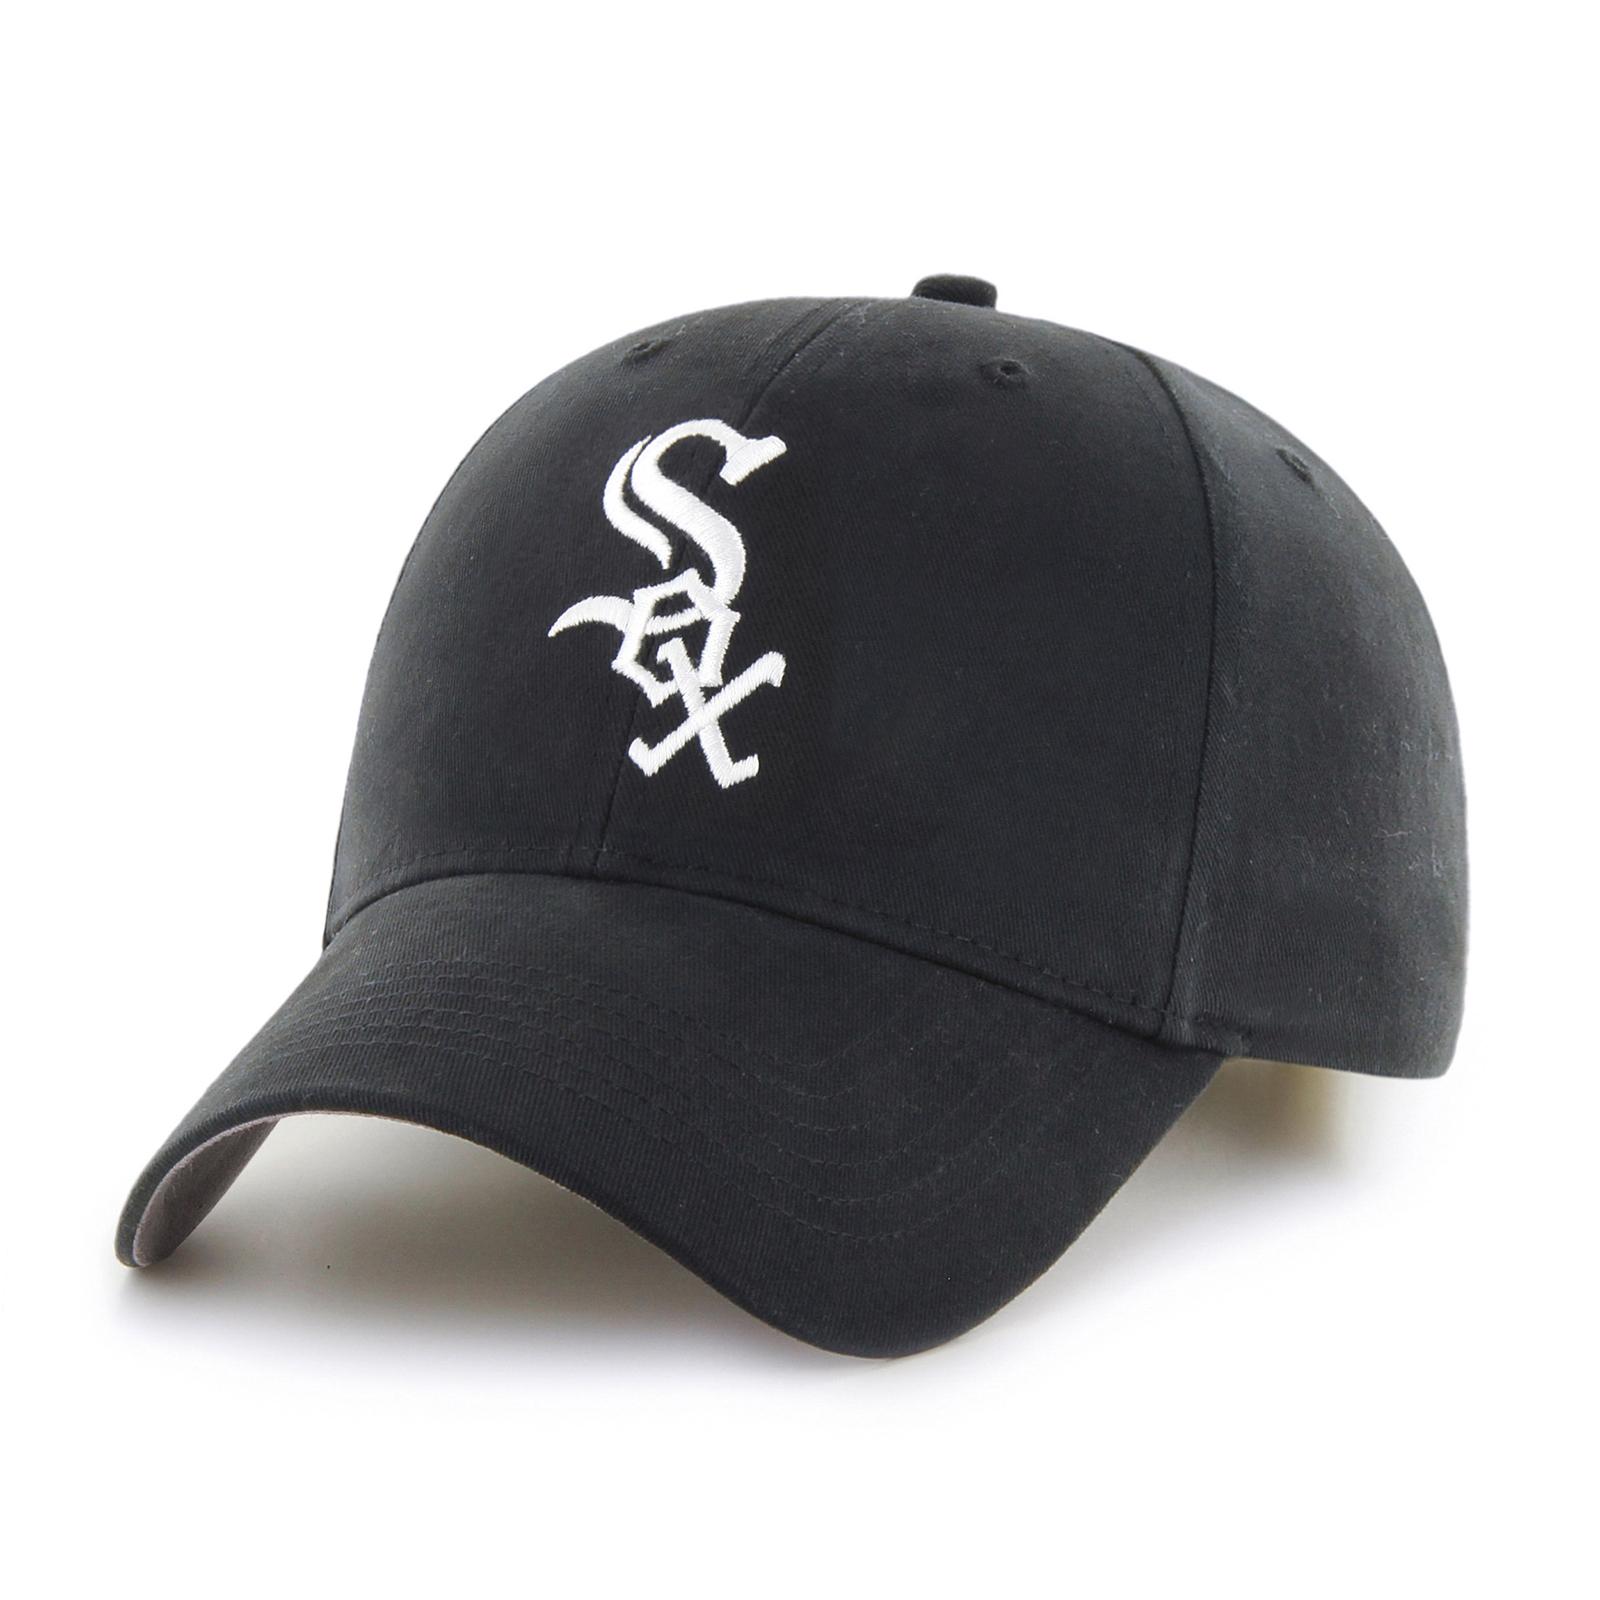 '47 Brand 47 Brand MLB Fan Favorite Chicago White Sox Basic Cap PartNumber: 00644099000P KsnValue: 00644099000 MfgPartNumber: 188582